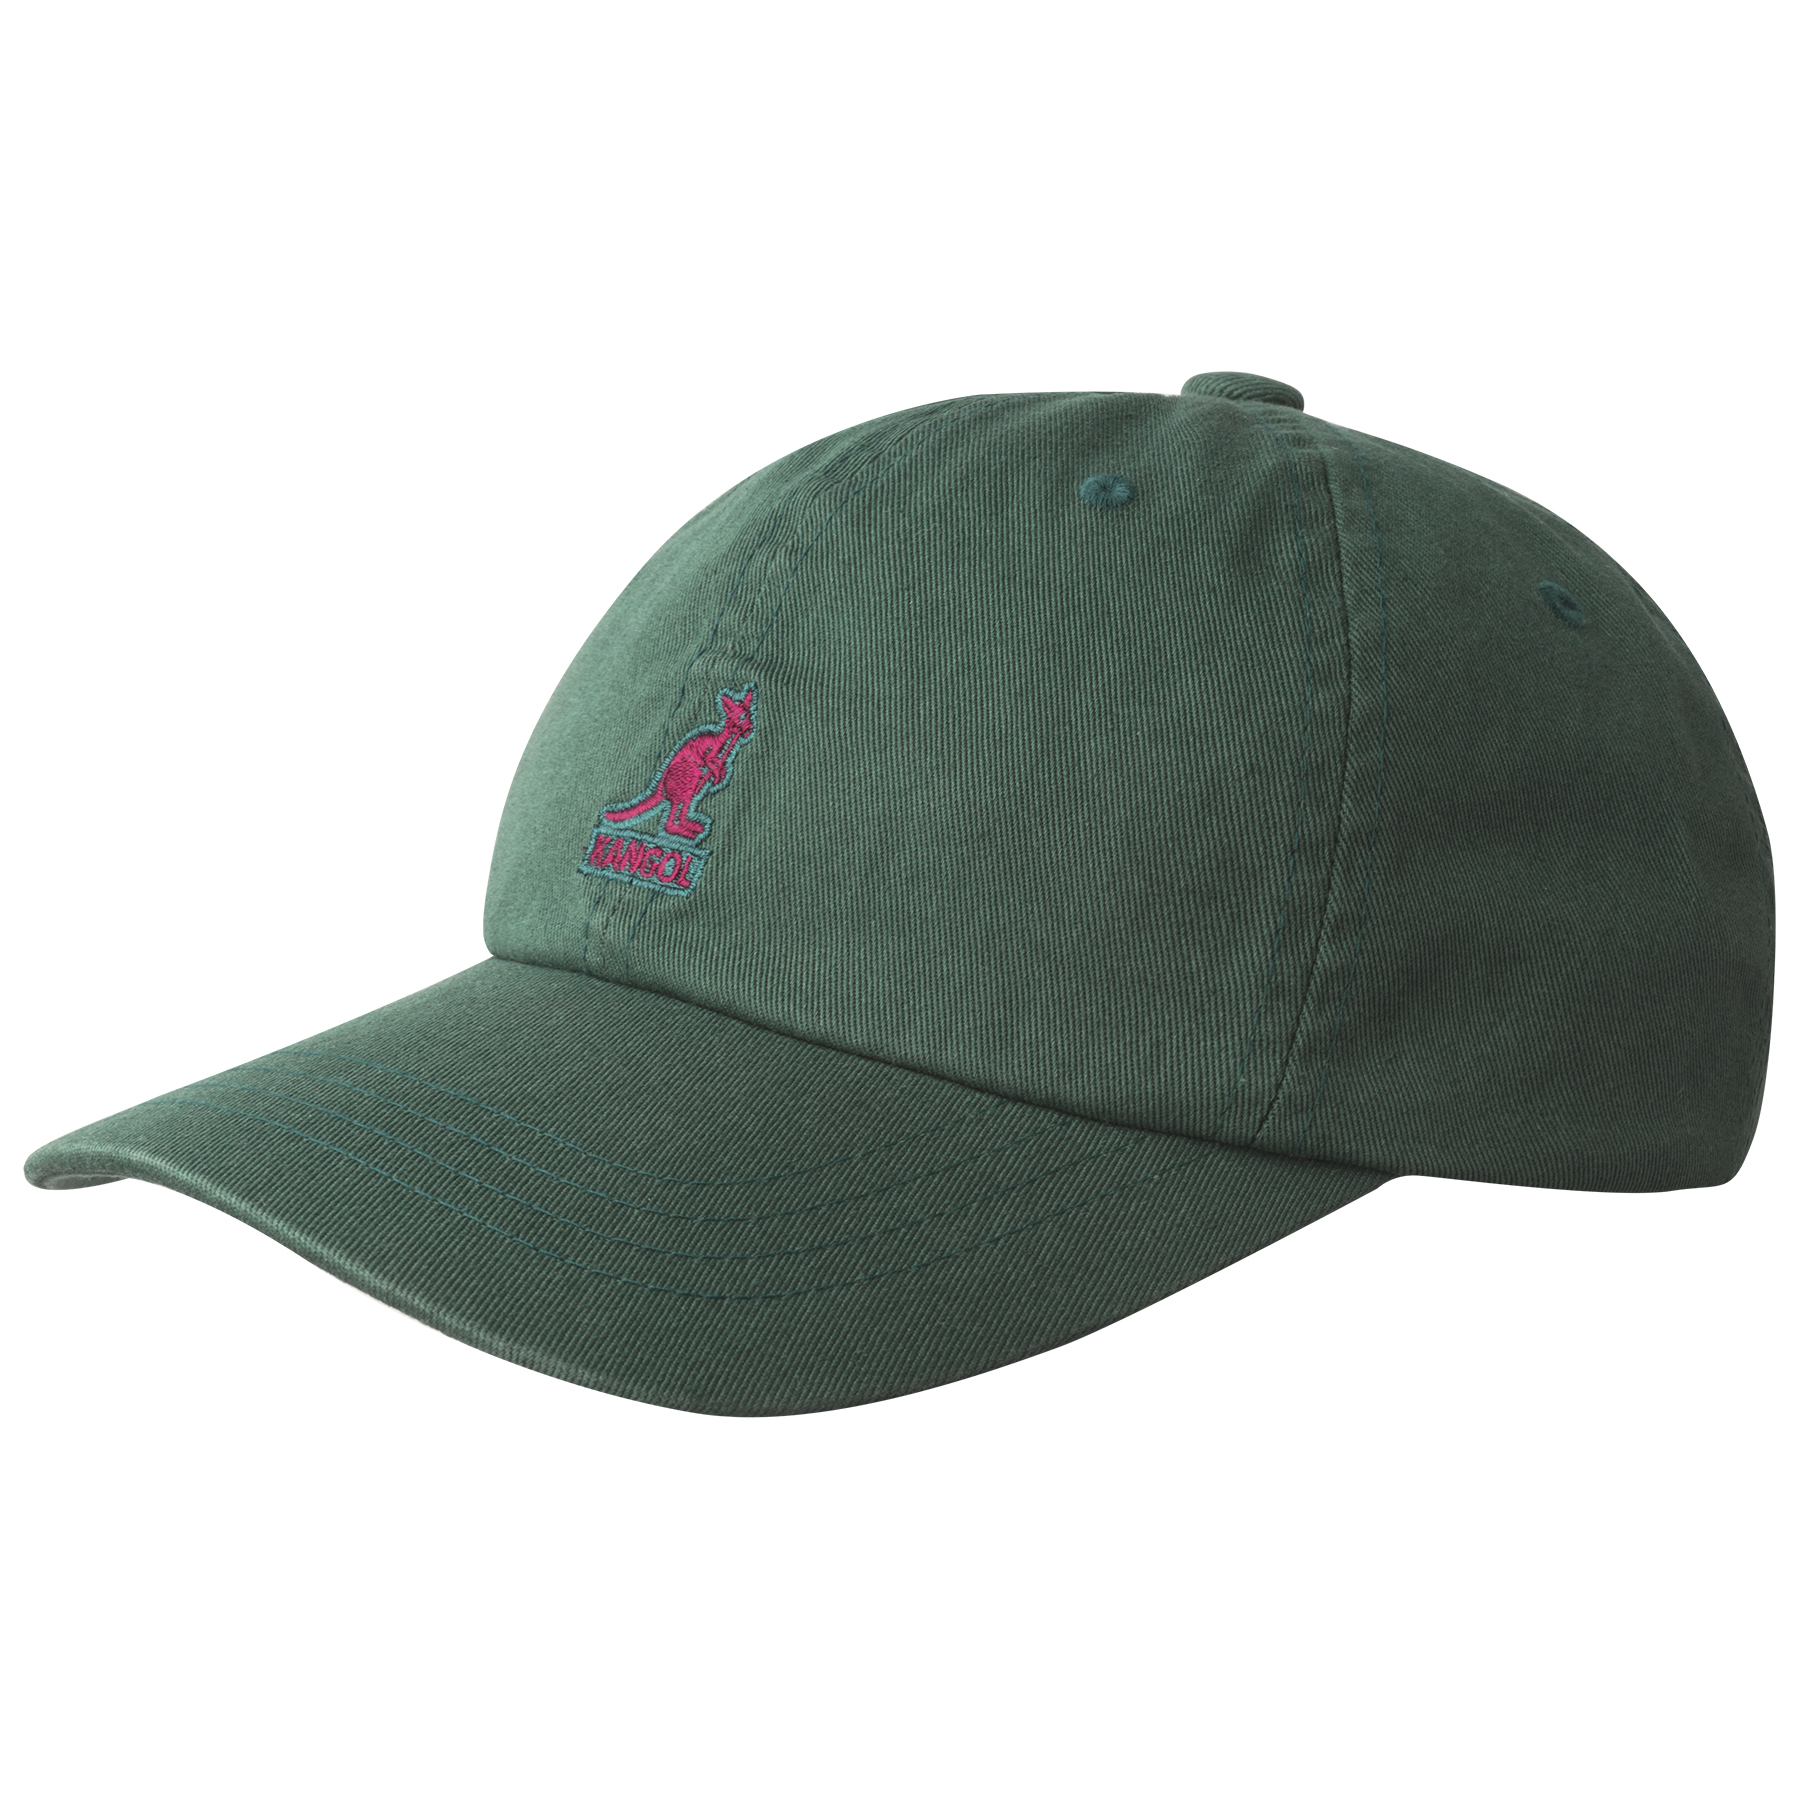 5fc75c7bc0 Kangol Washed Baseball Cap